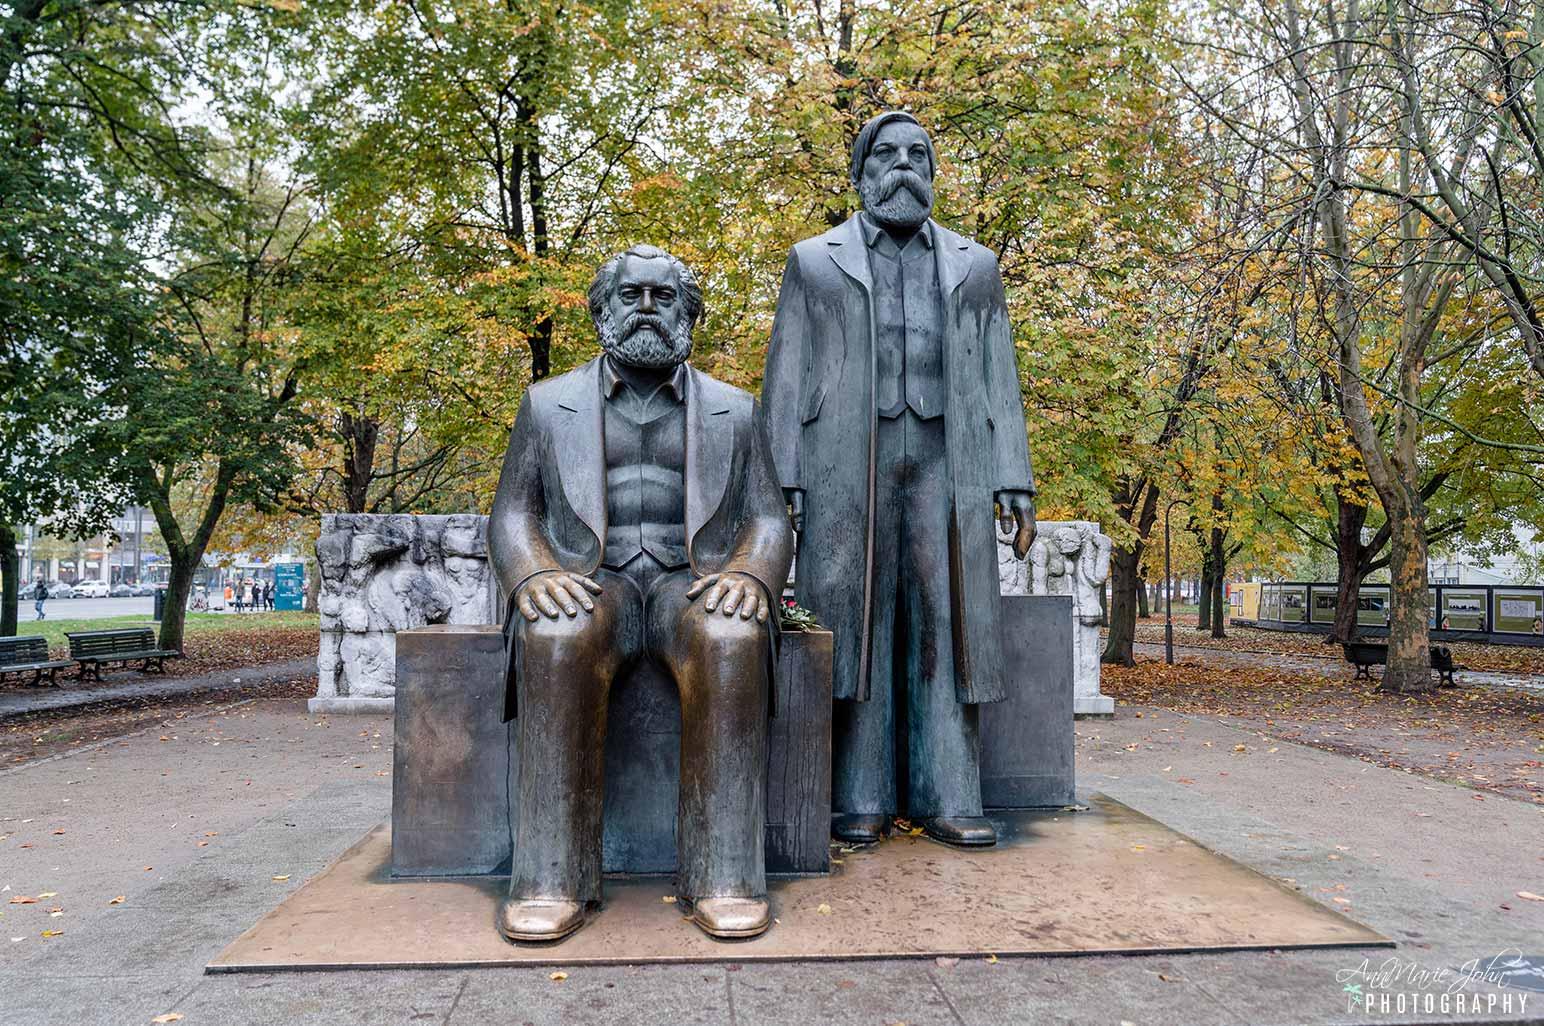 Statues in Berlin Germany